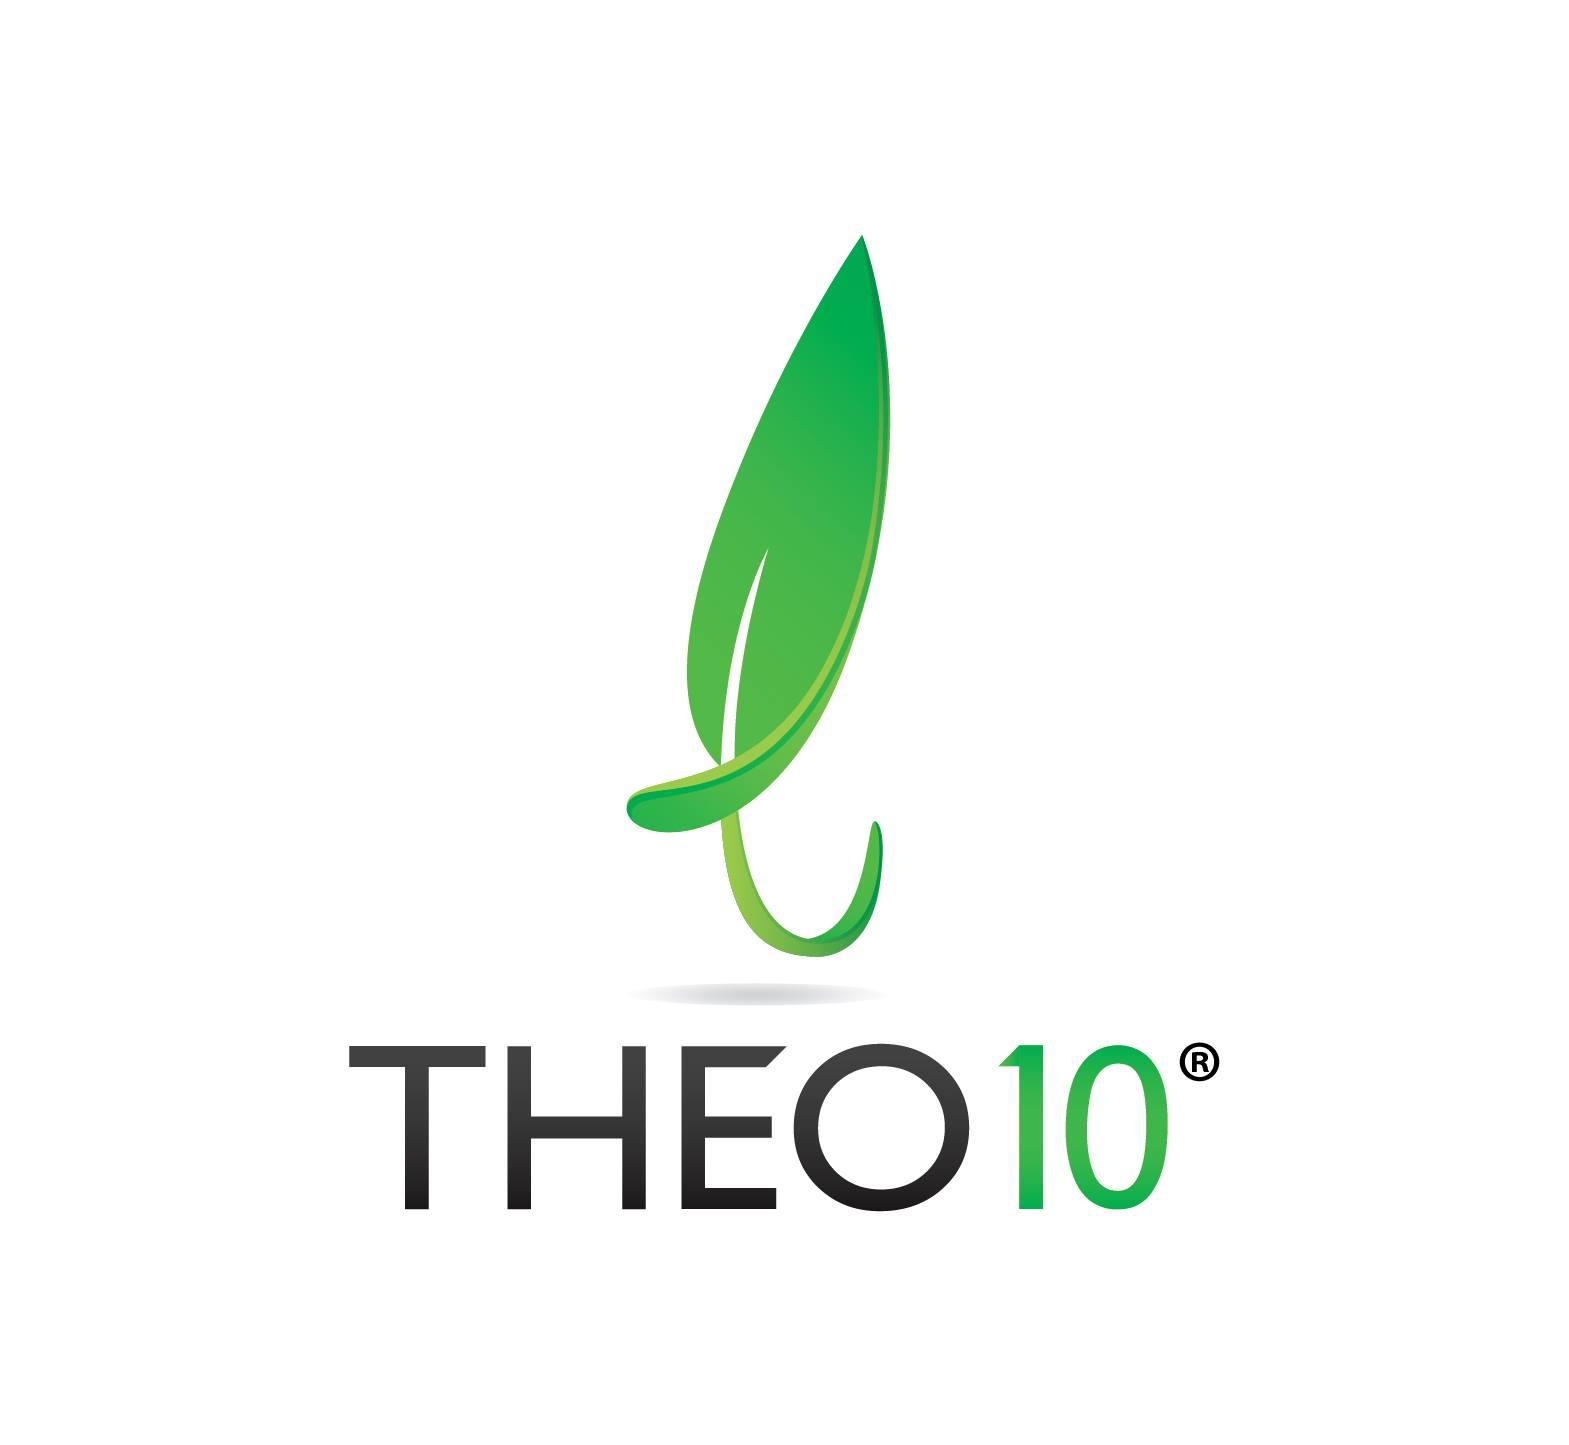 Theo10 Pte Ltd